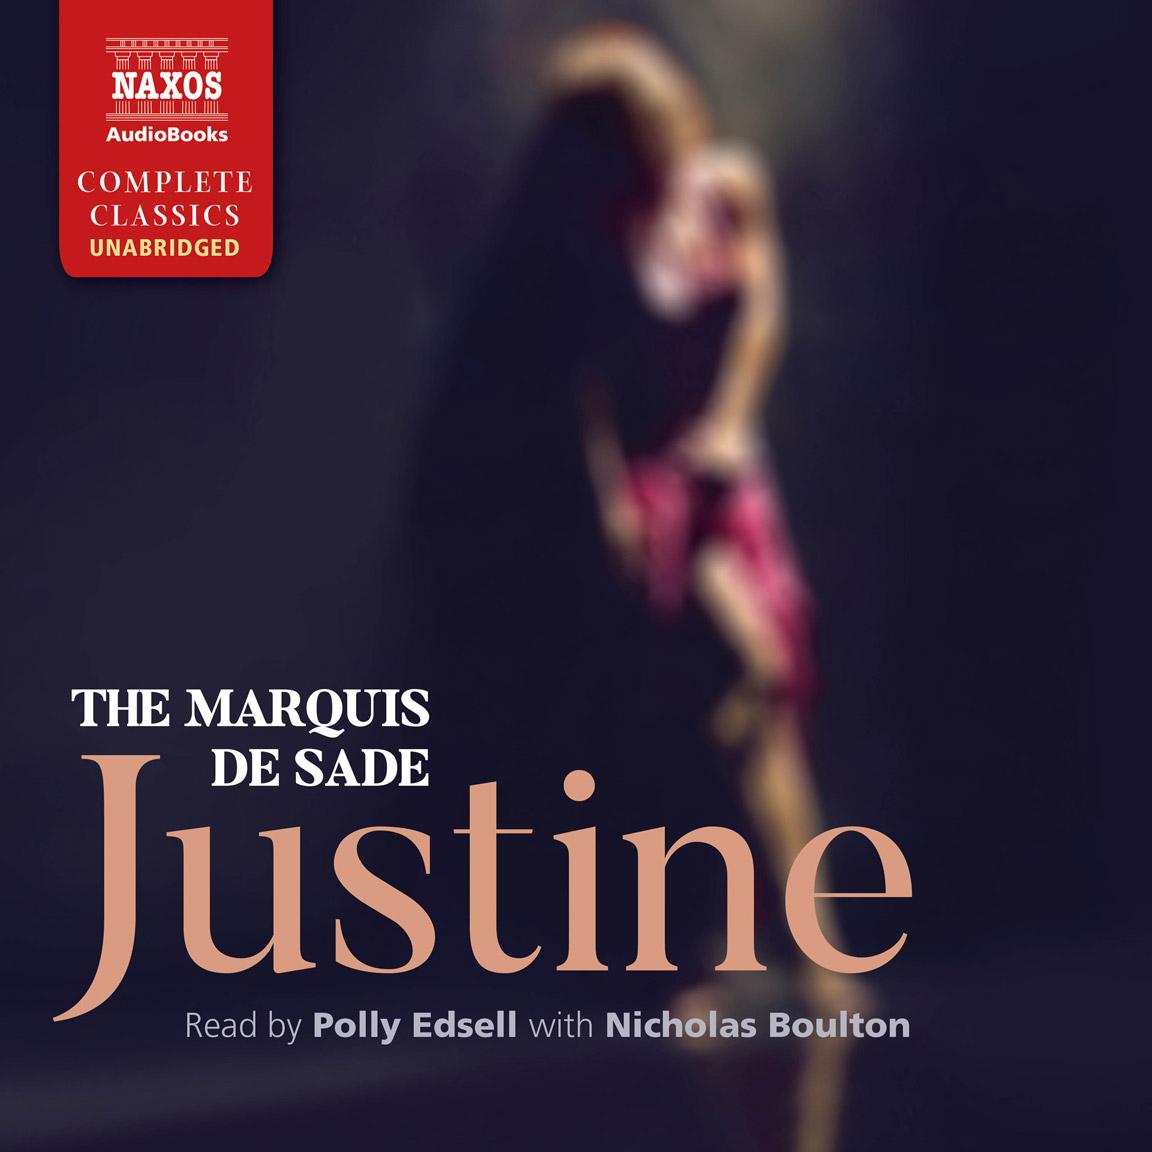 Justine (unabridged)